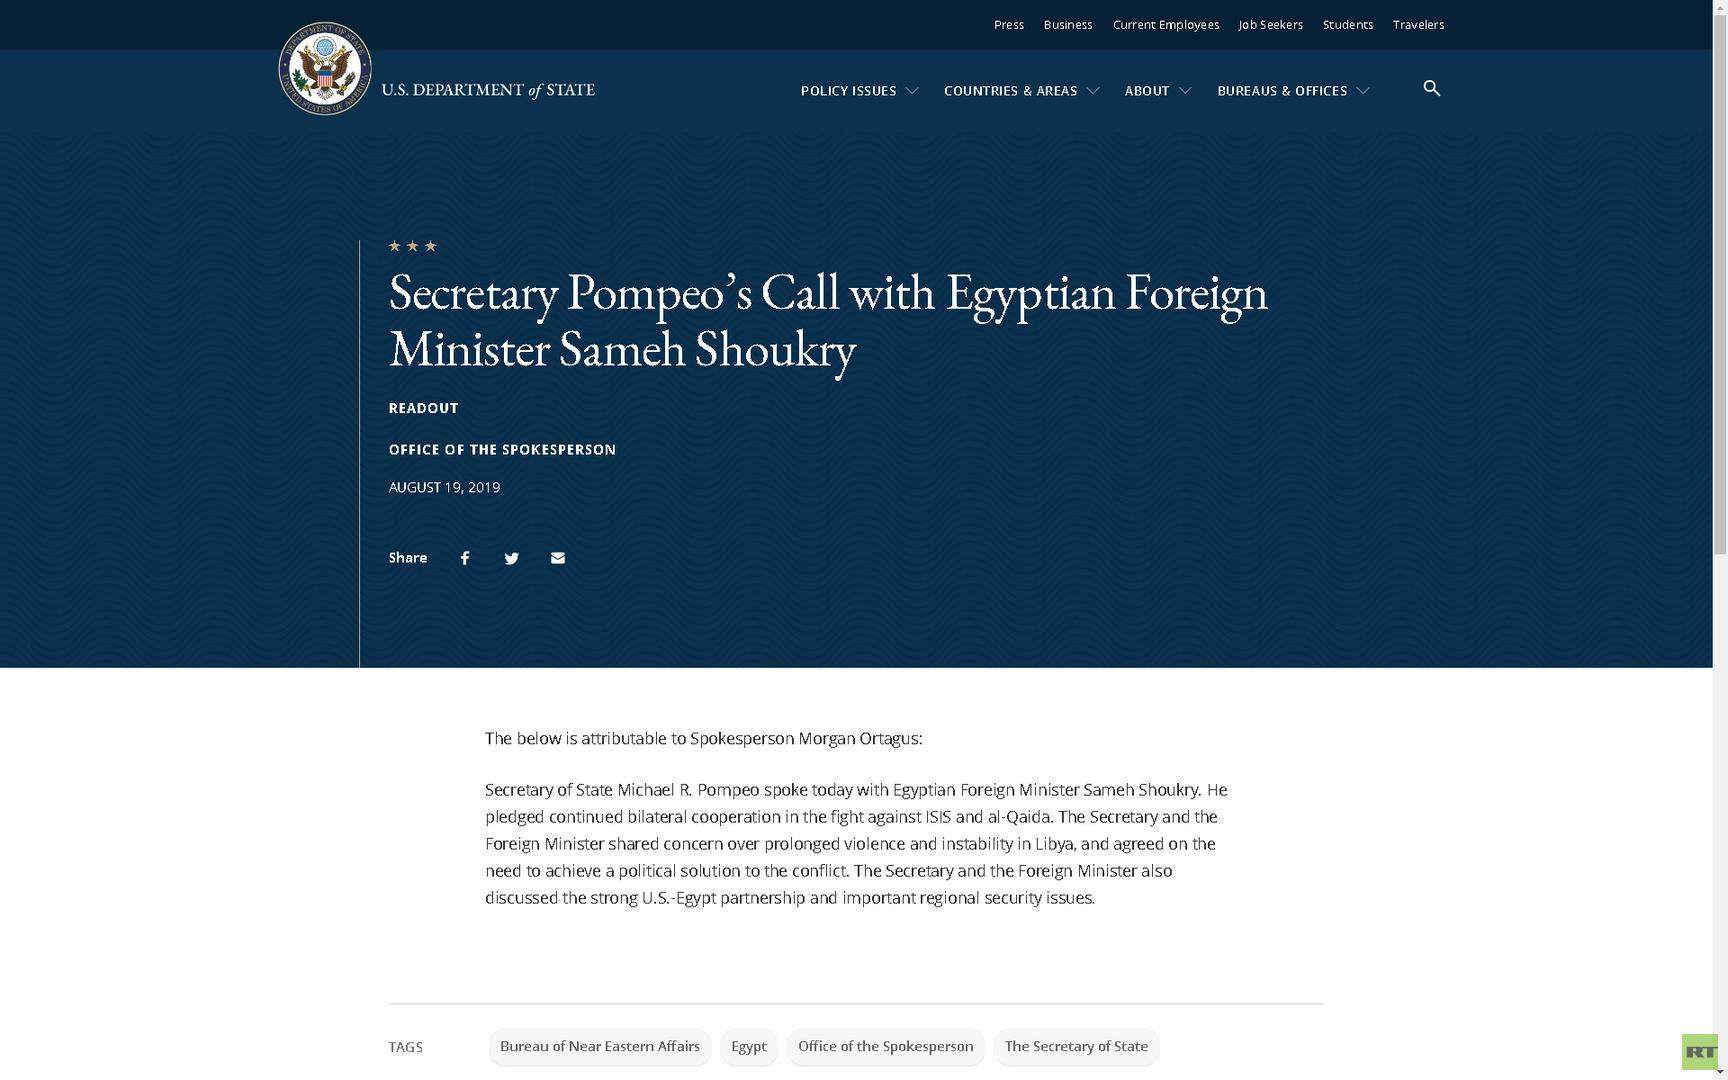 الخارجية الأمريكية: بومبيو وشكري يؤكدان على أهمية تحقيق حل سياسي في ليبيا